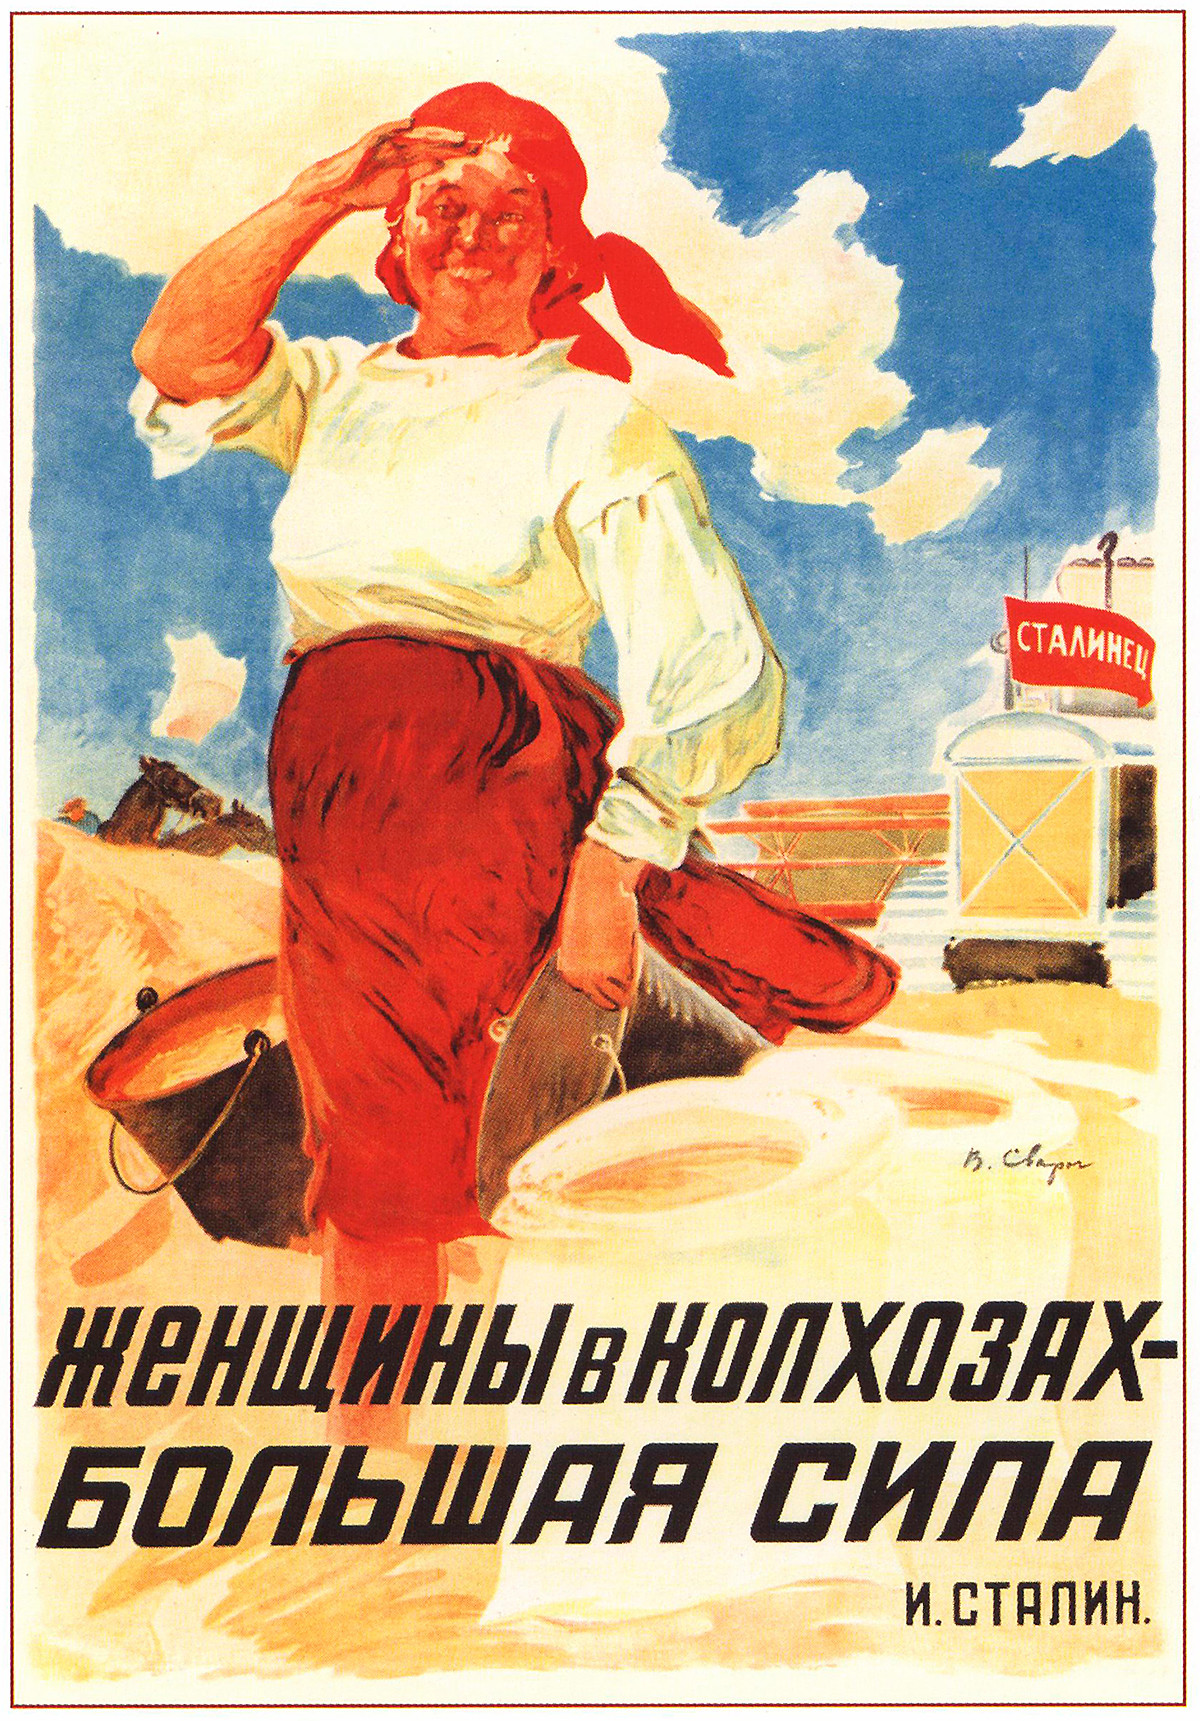 « Les femmes dans les kolkhozes sont une grande force. J. Staline »